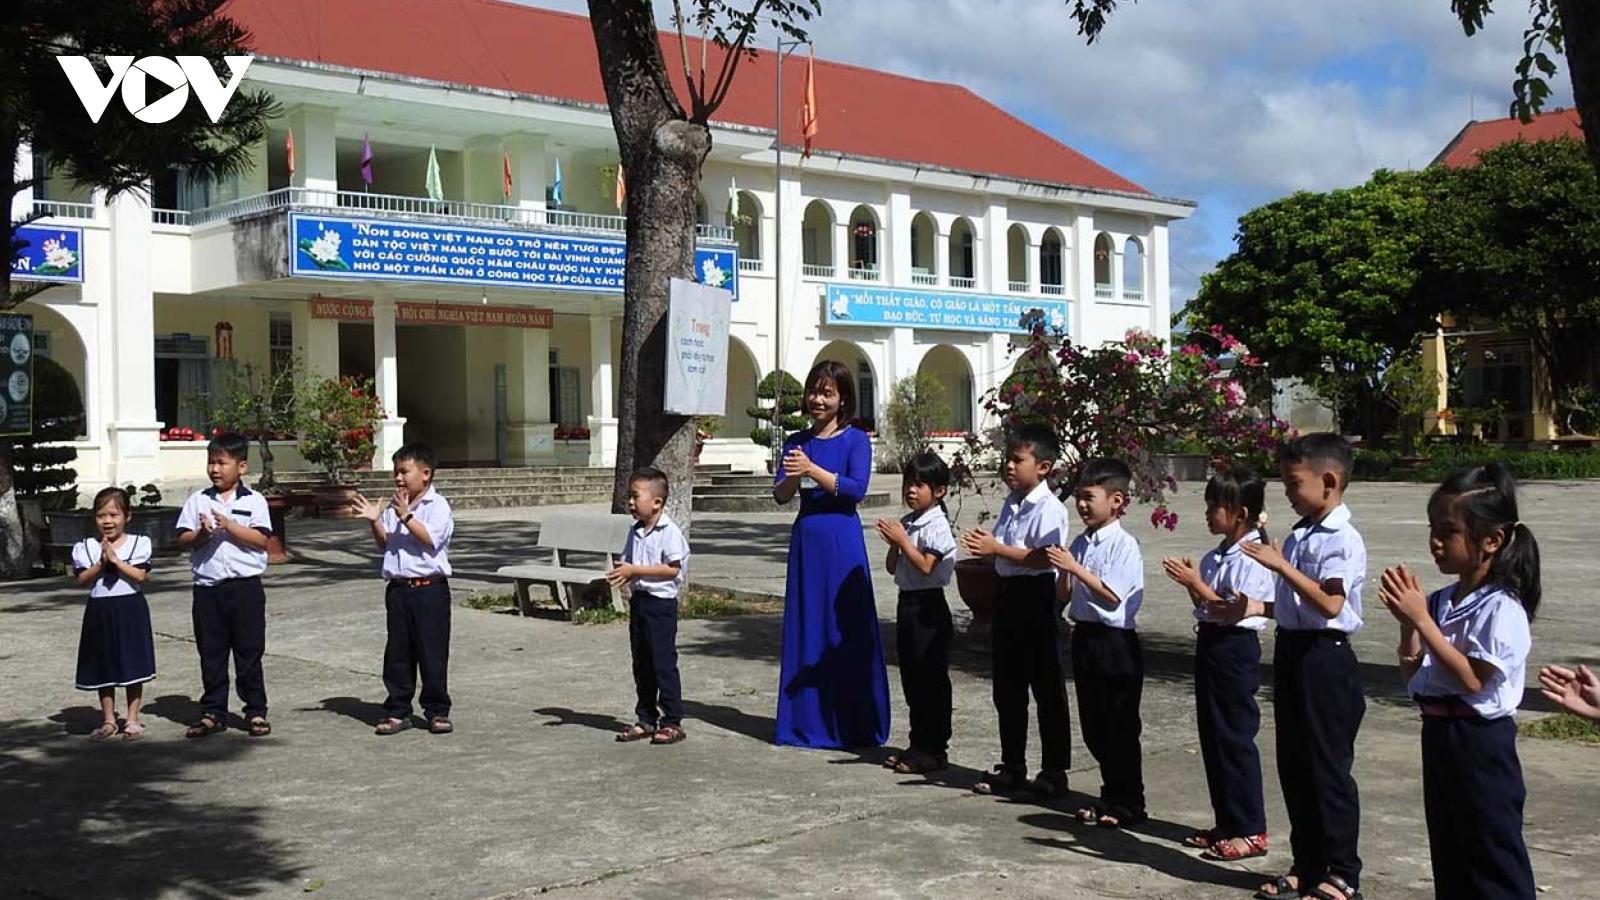 Giáo viên Kon Tum lo lắng khi học sinh lớp 1 vẫn chỉ học 1 buổi/ngày